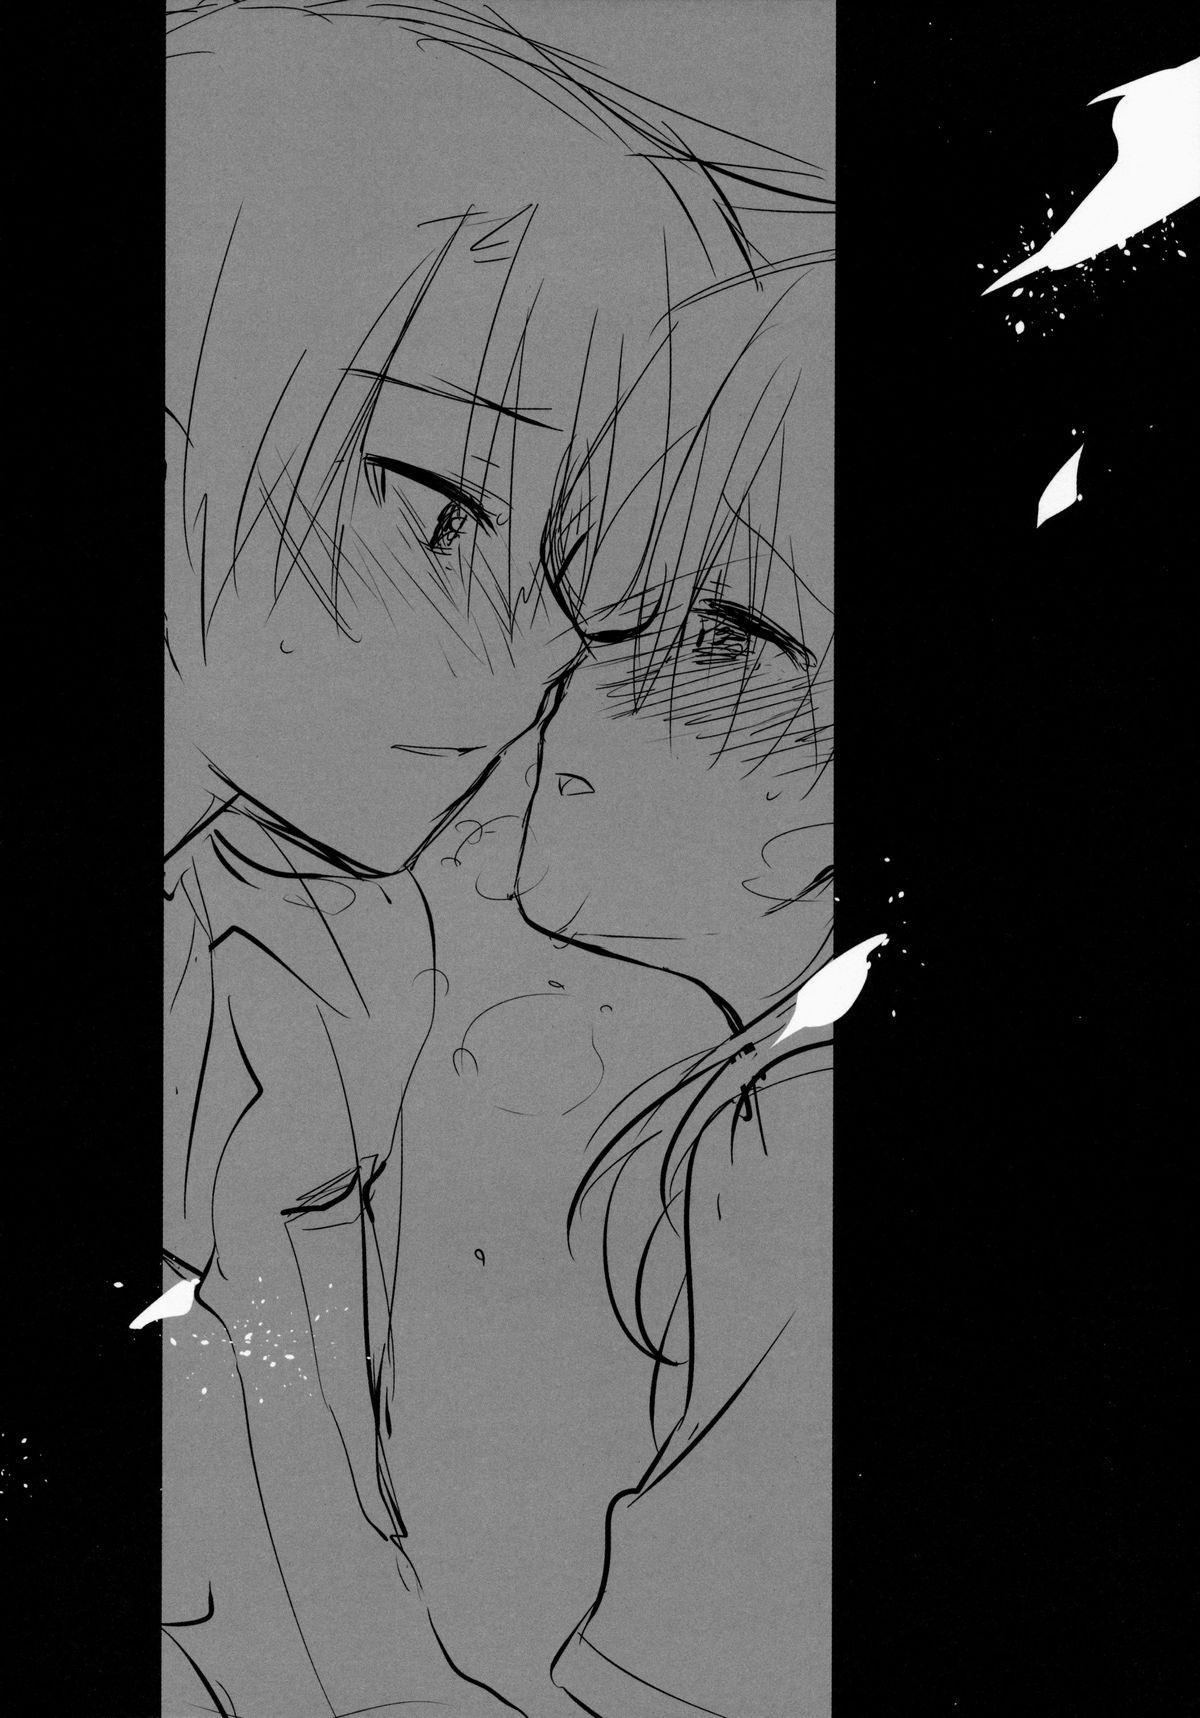 Oyasumi Sex am2:00 15